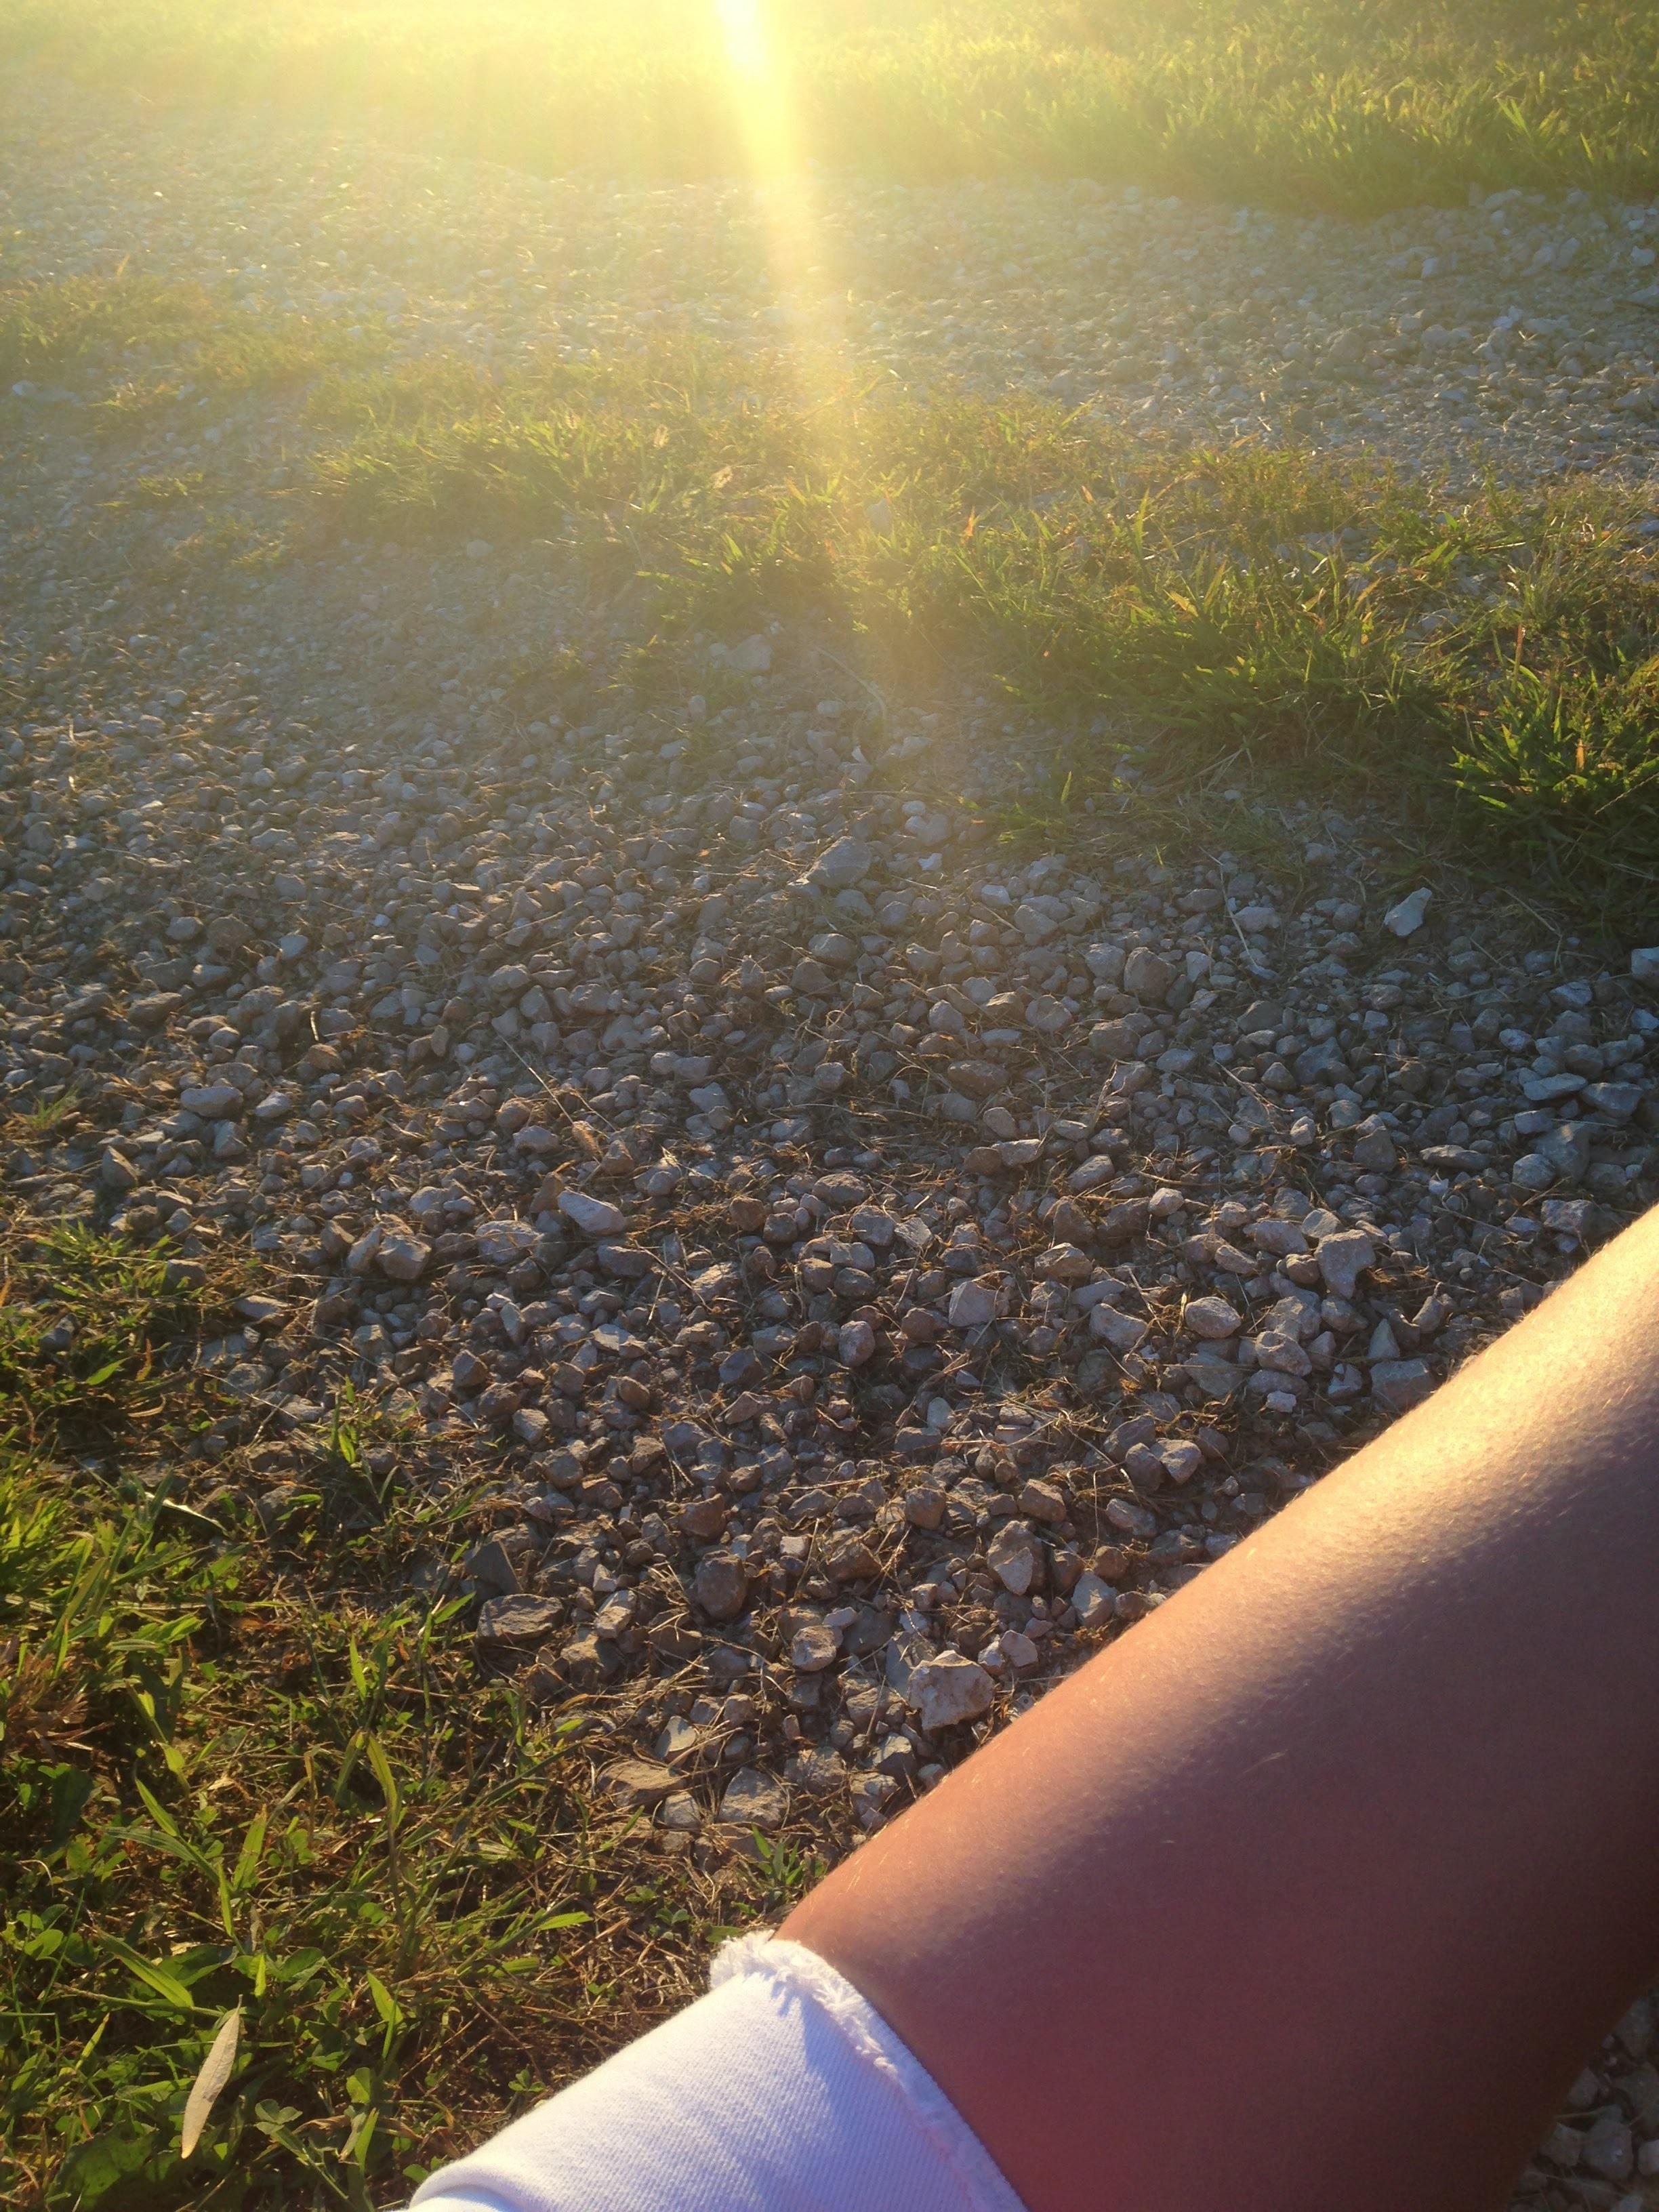 Sunshine-While-Sitting-Outside.jpg